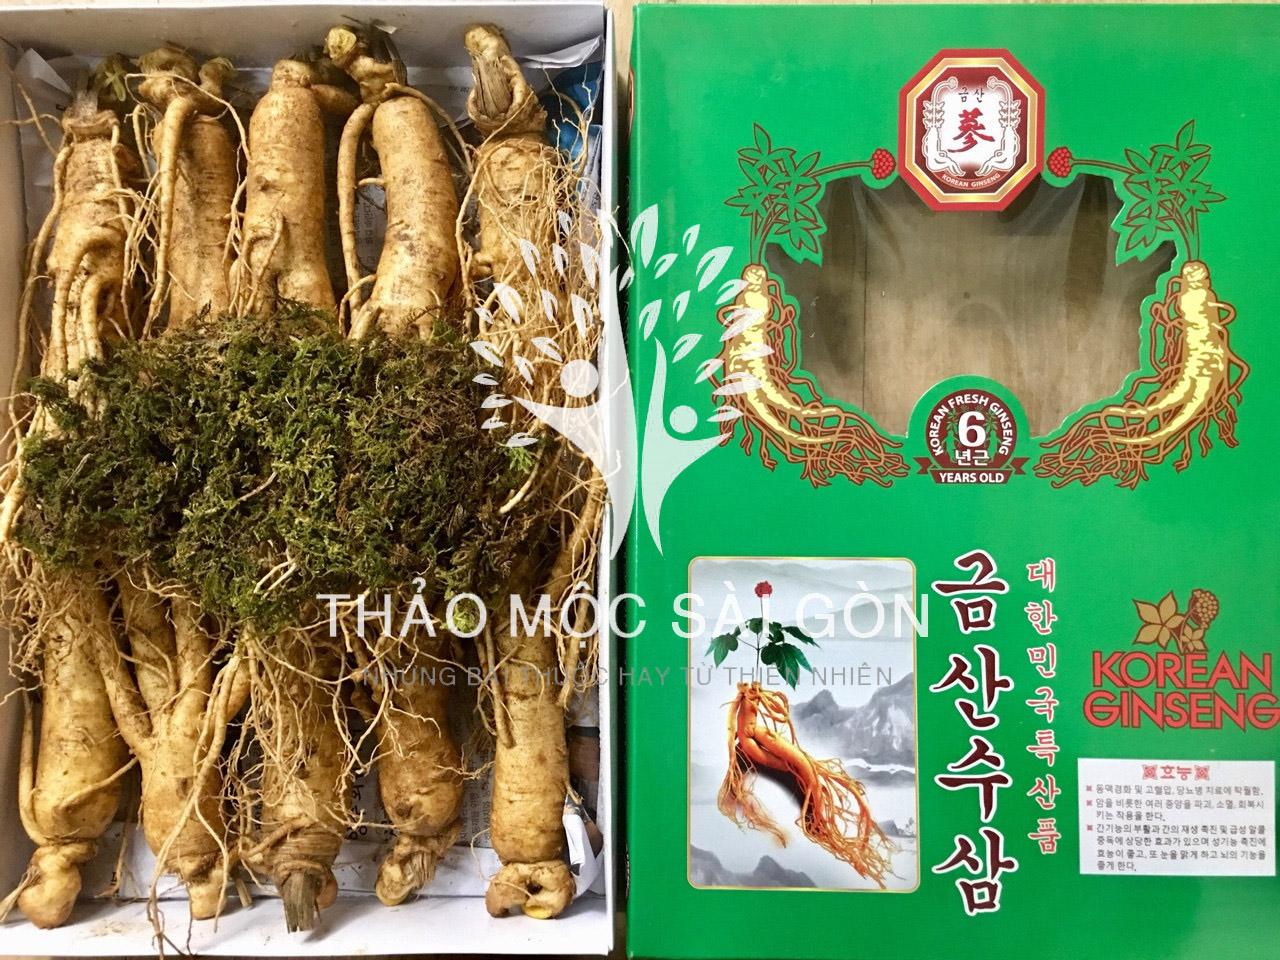 Sâm tươi Hàn Quốc 3-4-5-6 củ 1kg giá bao nhiêu tại TP HCM